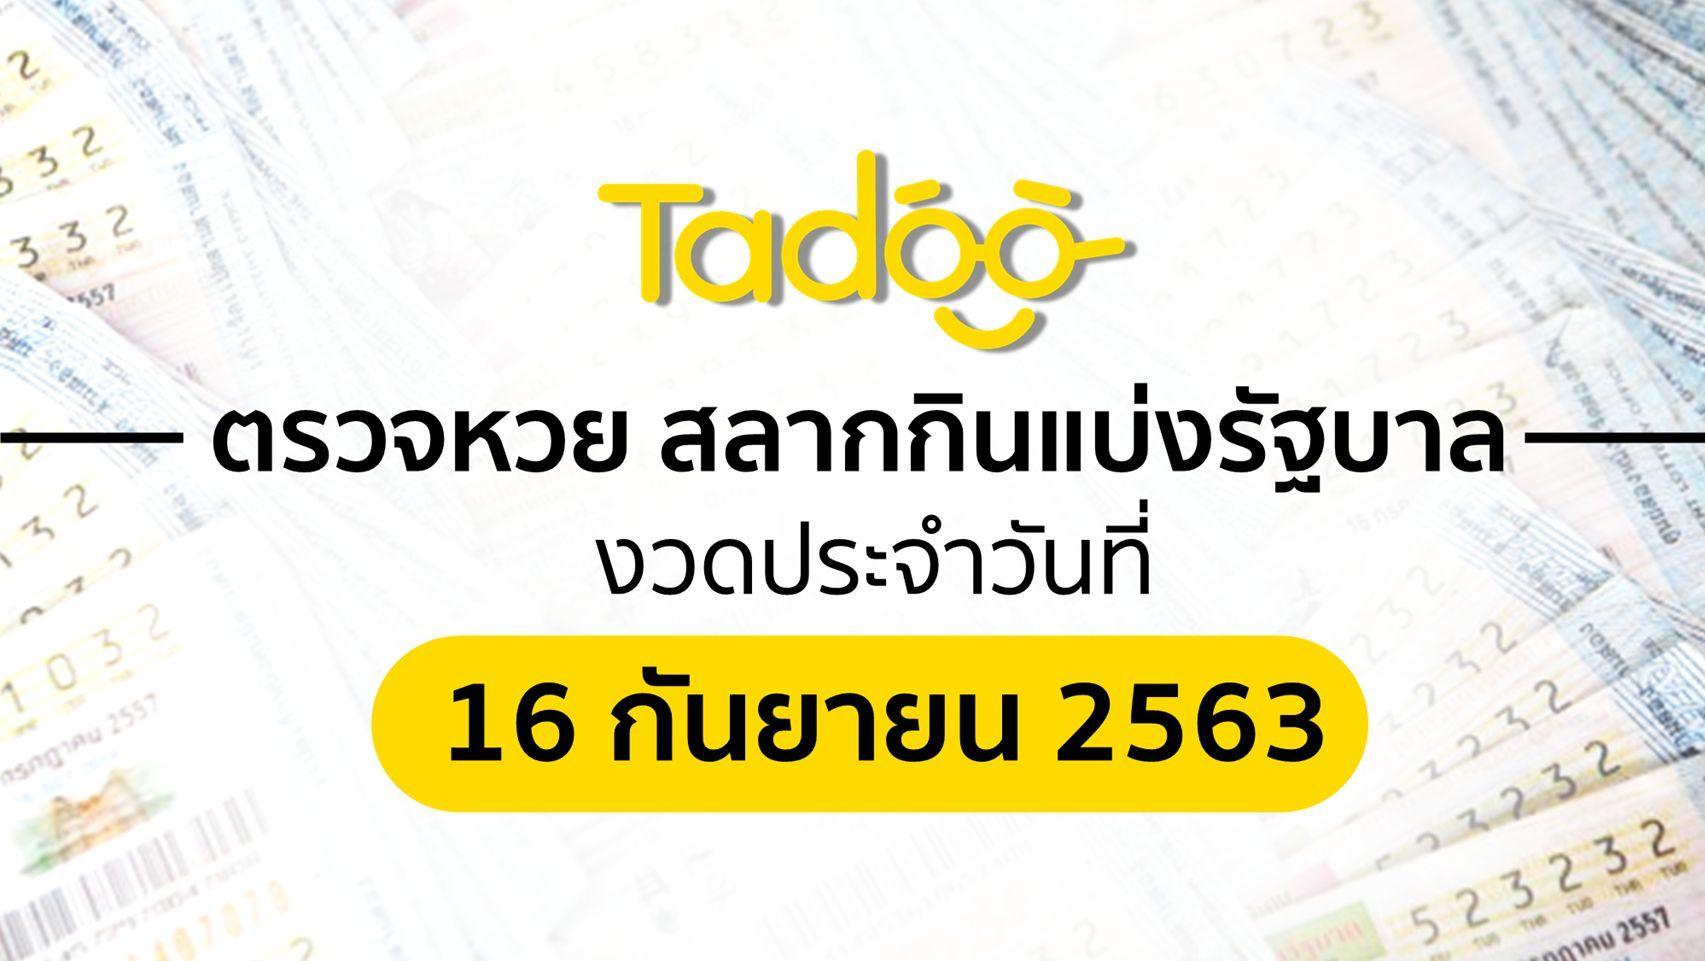 ตรวจหวย 16 9 63 ตรวจสลากกินแบ่งรัฐบาล 16 กันยายน 2563 | Tadoo